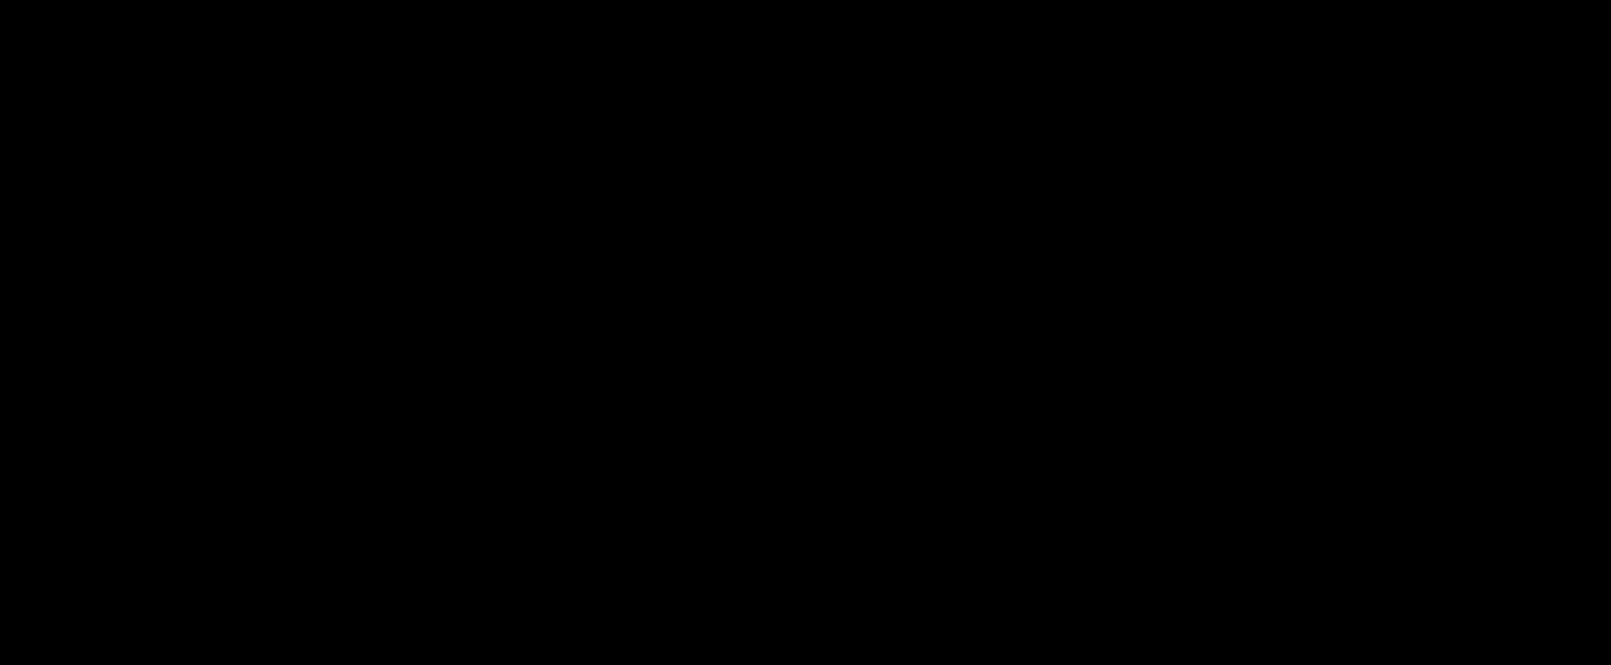 Alfacalcidol-d<sub>7</sub>